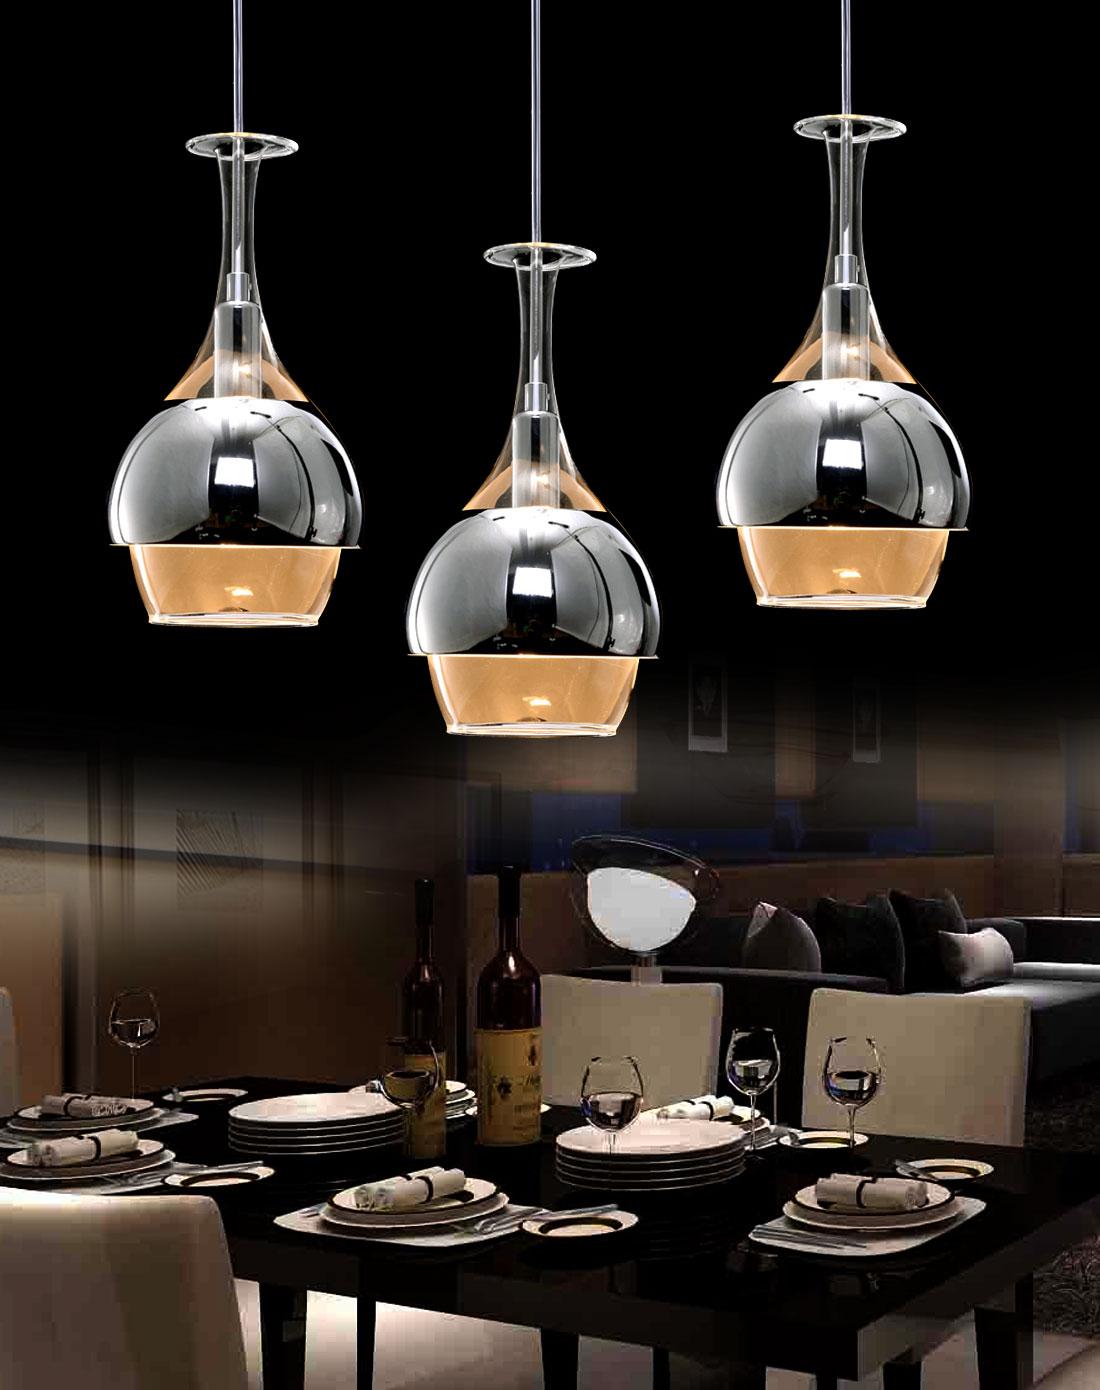 餐厅吊灯高度选择,餐厅吊灯现代简约